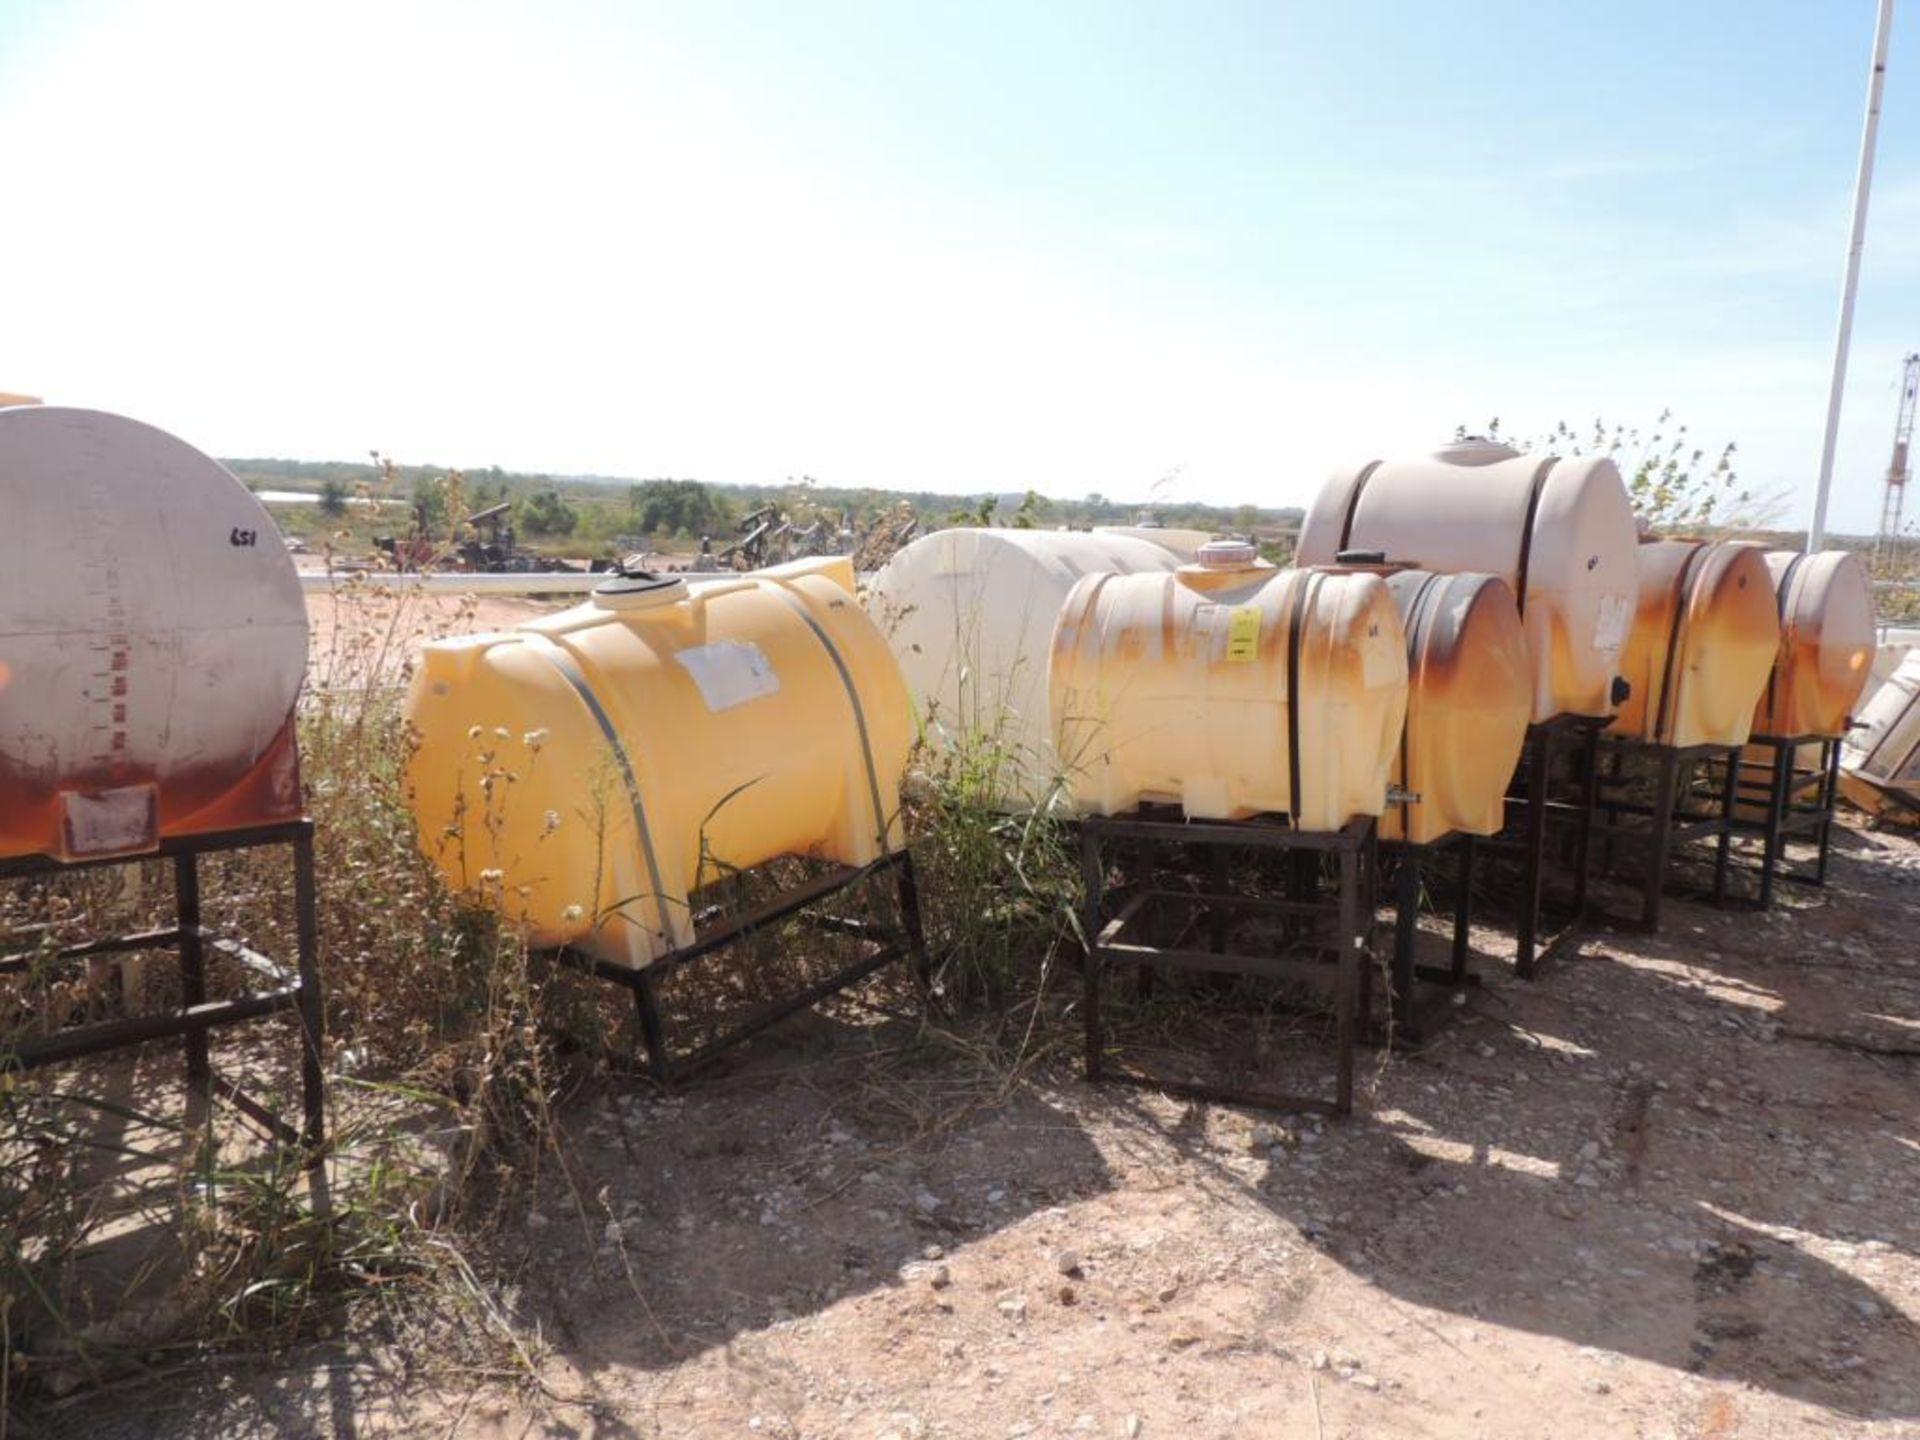 LOT: (10) Poly Tanks - (1) 500 Gallon, (2) 225 Gallon, (1) 220 Gallon, (7) 130 Gallon (some tanks